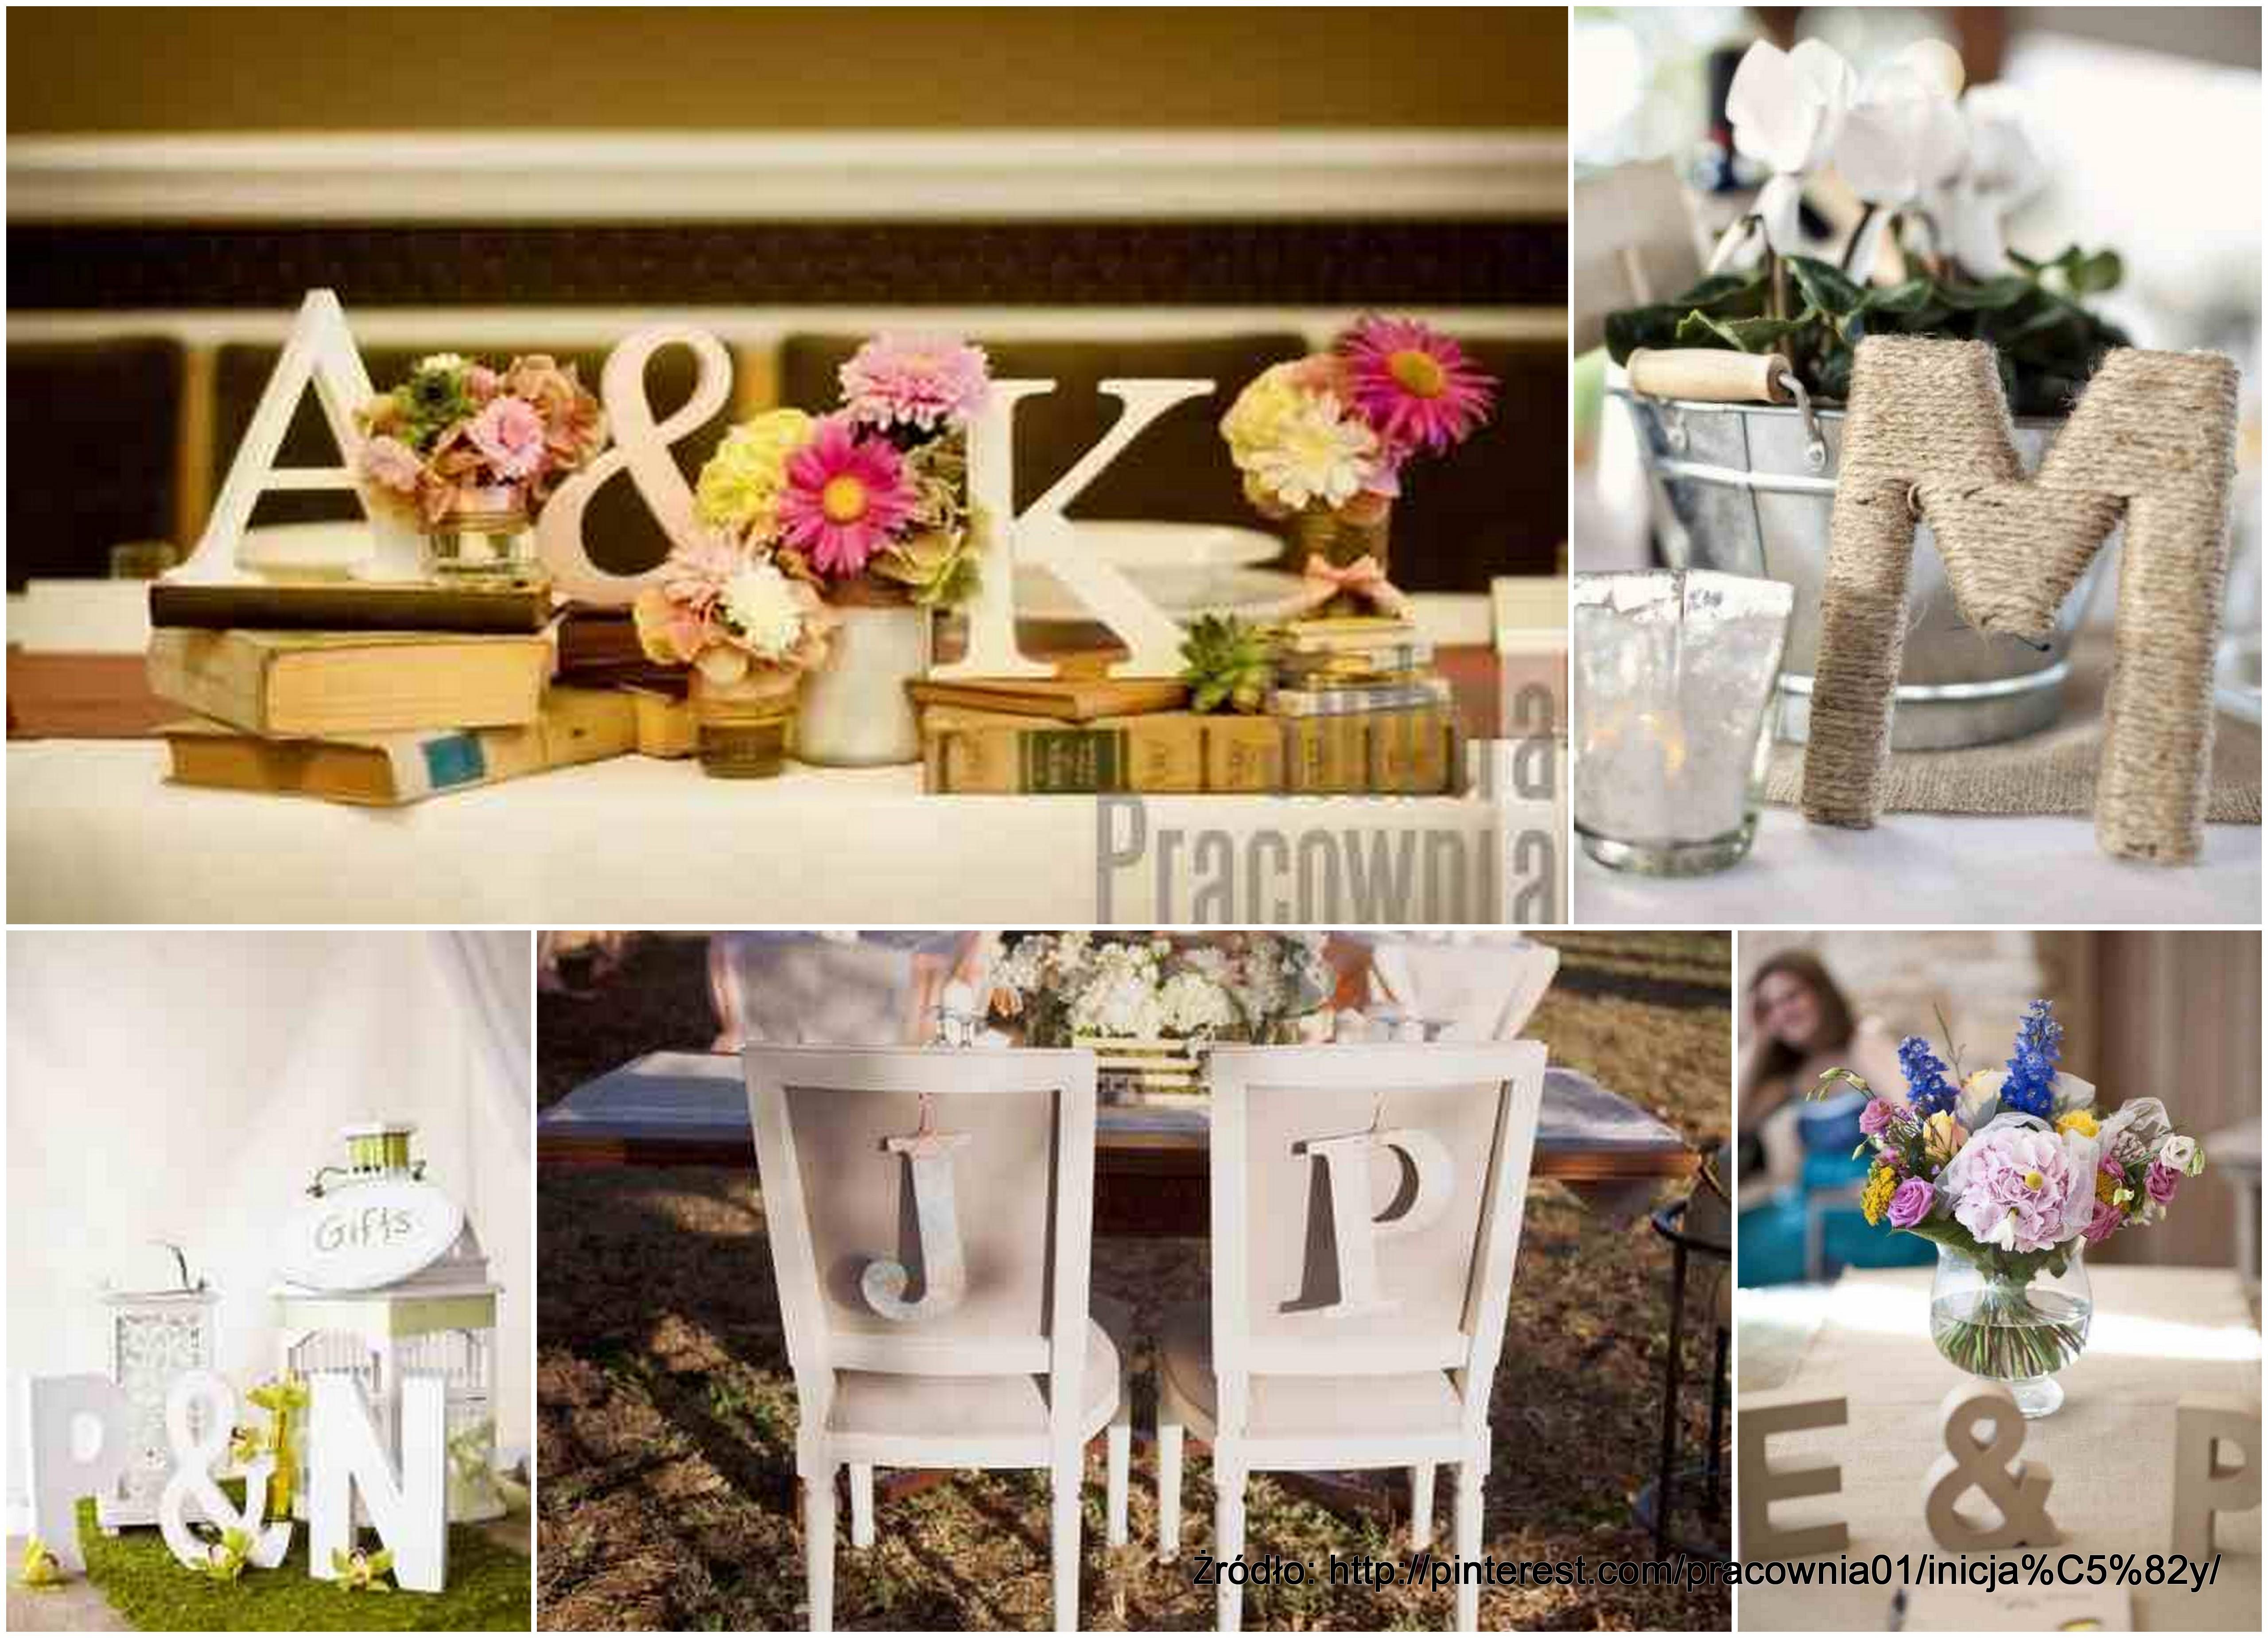 Dekoracje Stolow Inicjaly Blog ślubny ślubna Pracownia